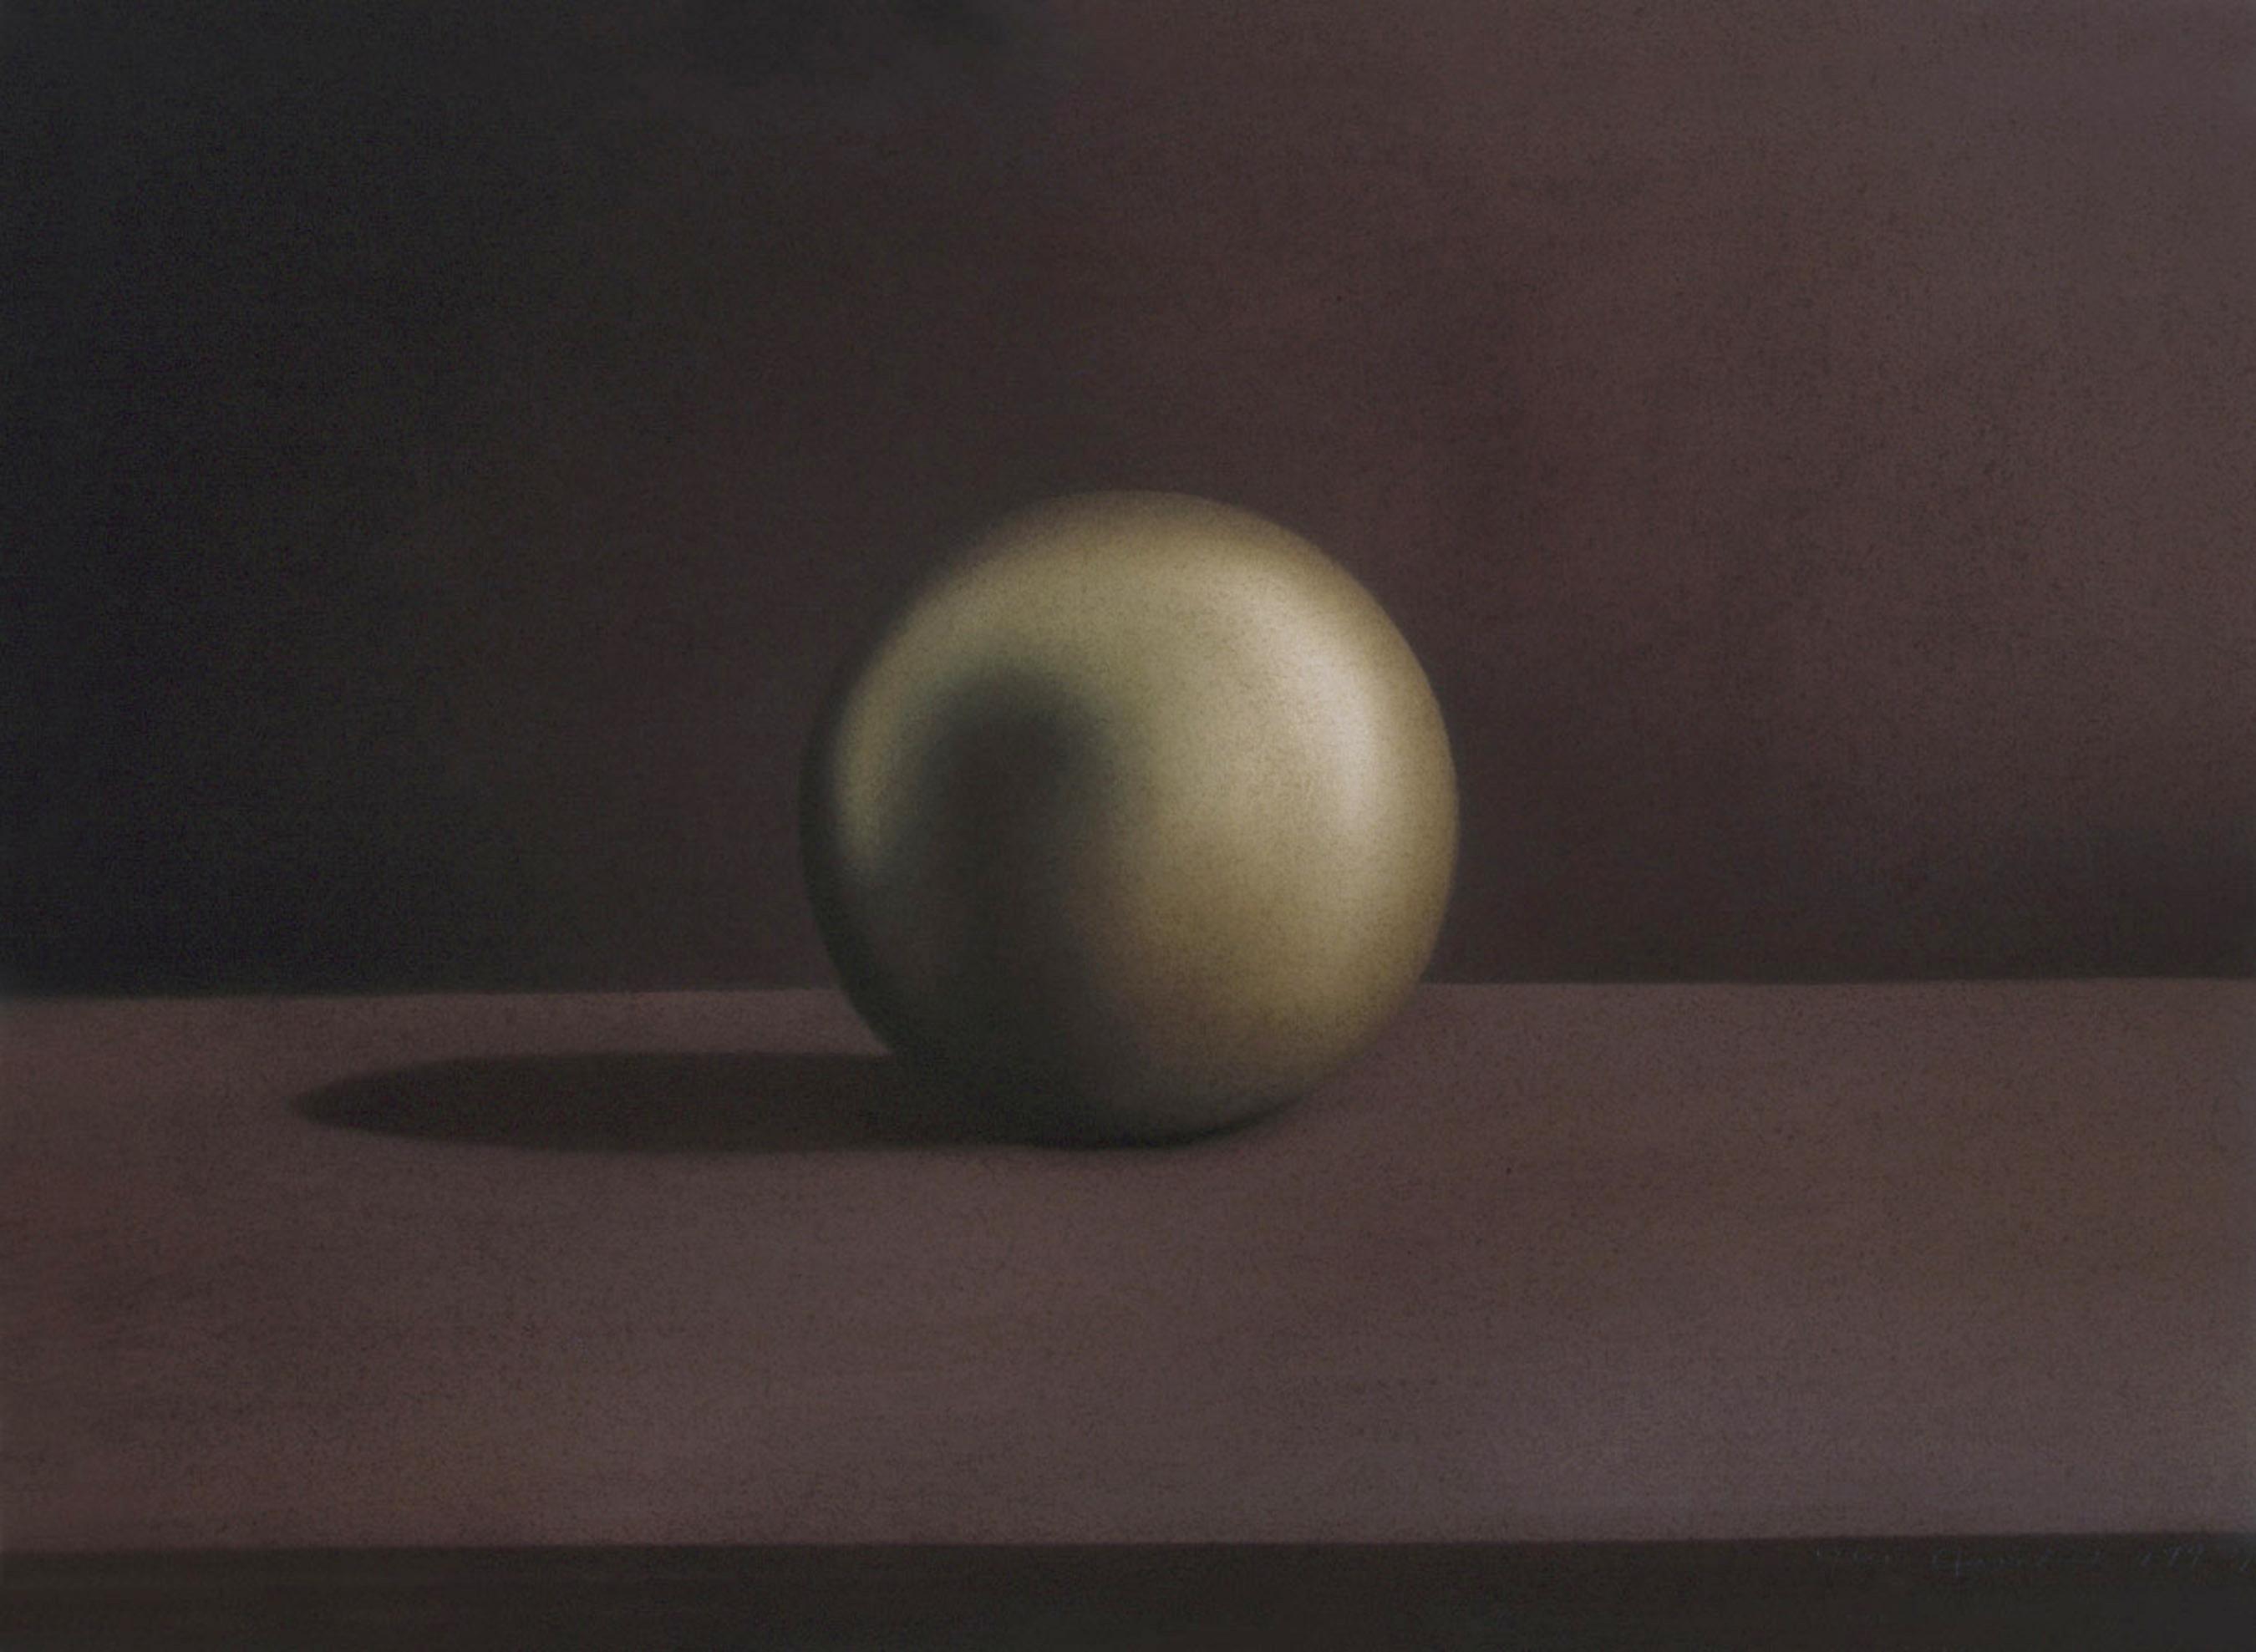 Sphere, Brushed Metal